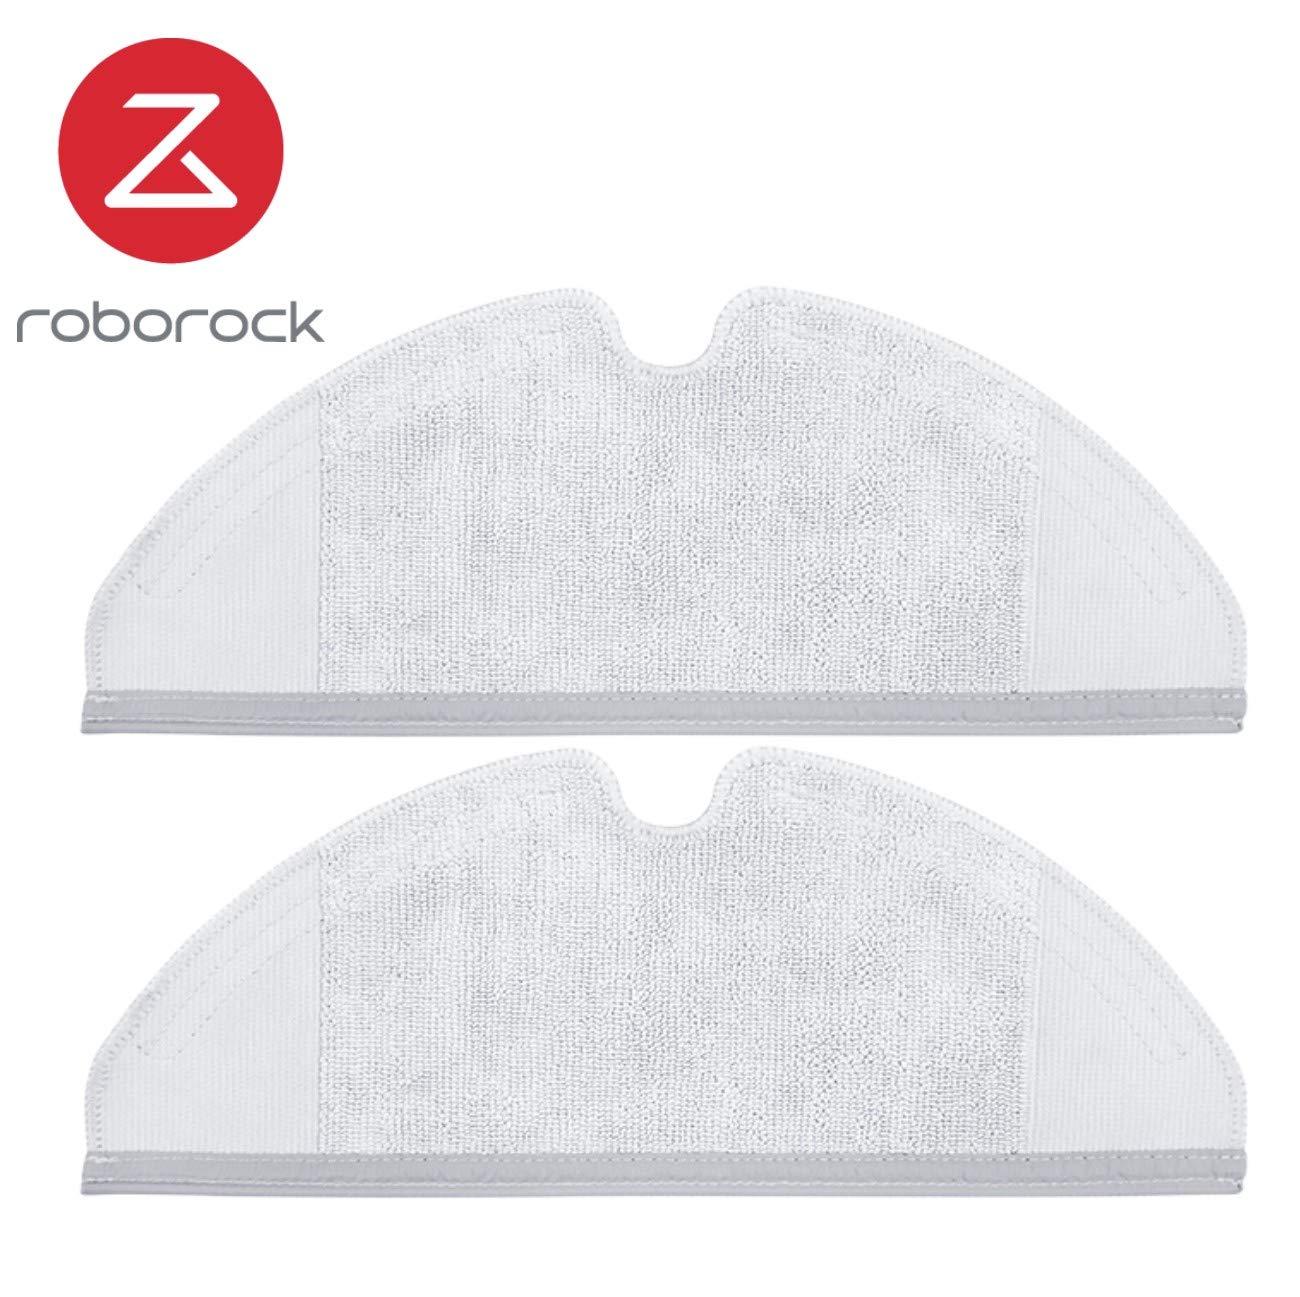 Original Robo Rock S50 S55 Robot Aspirador Piezas de Repuesto 20 Piezas Pack de Ahorro Accesorios # zinnz Selected: Amazon.es: Informática